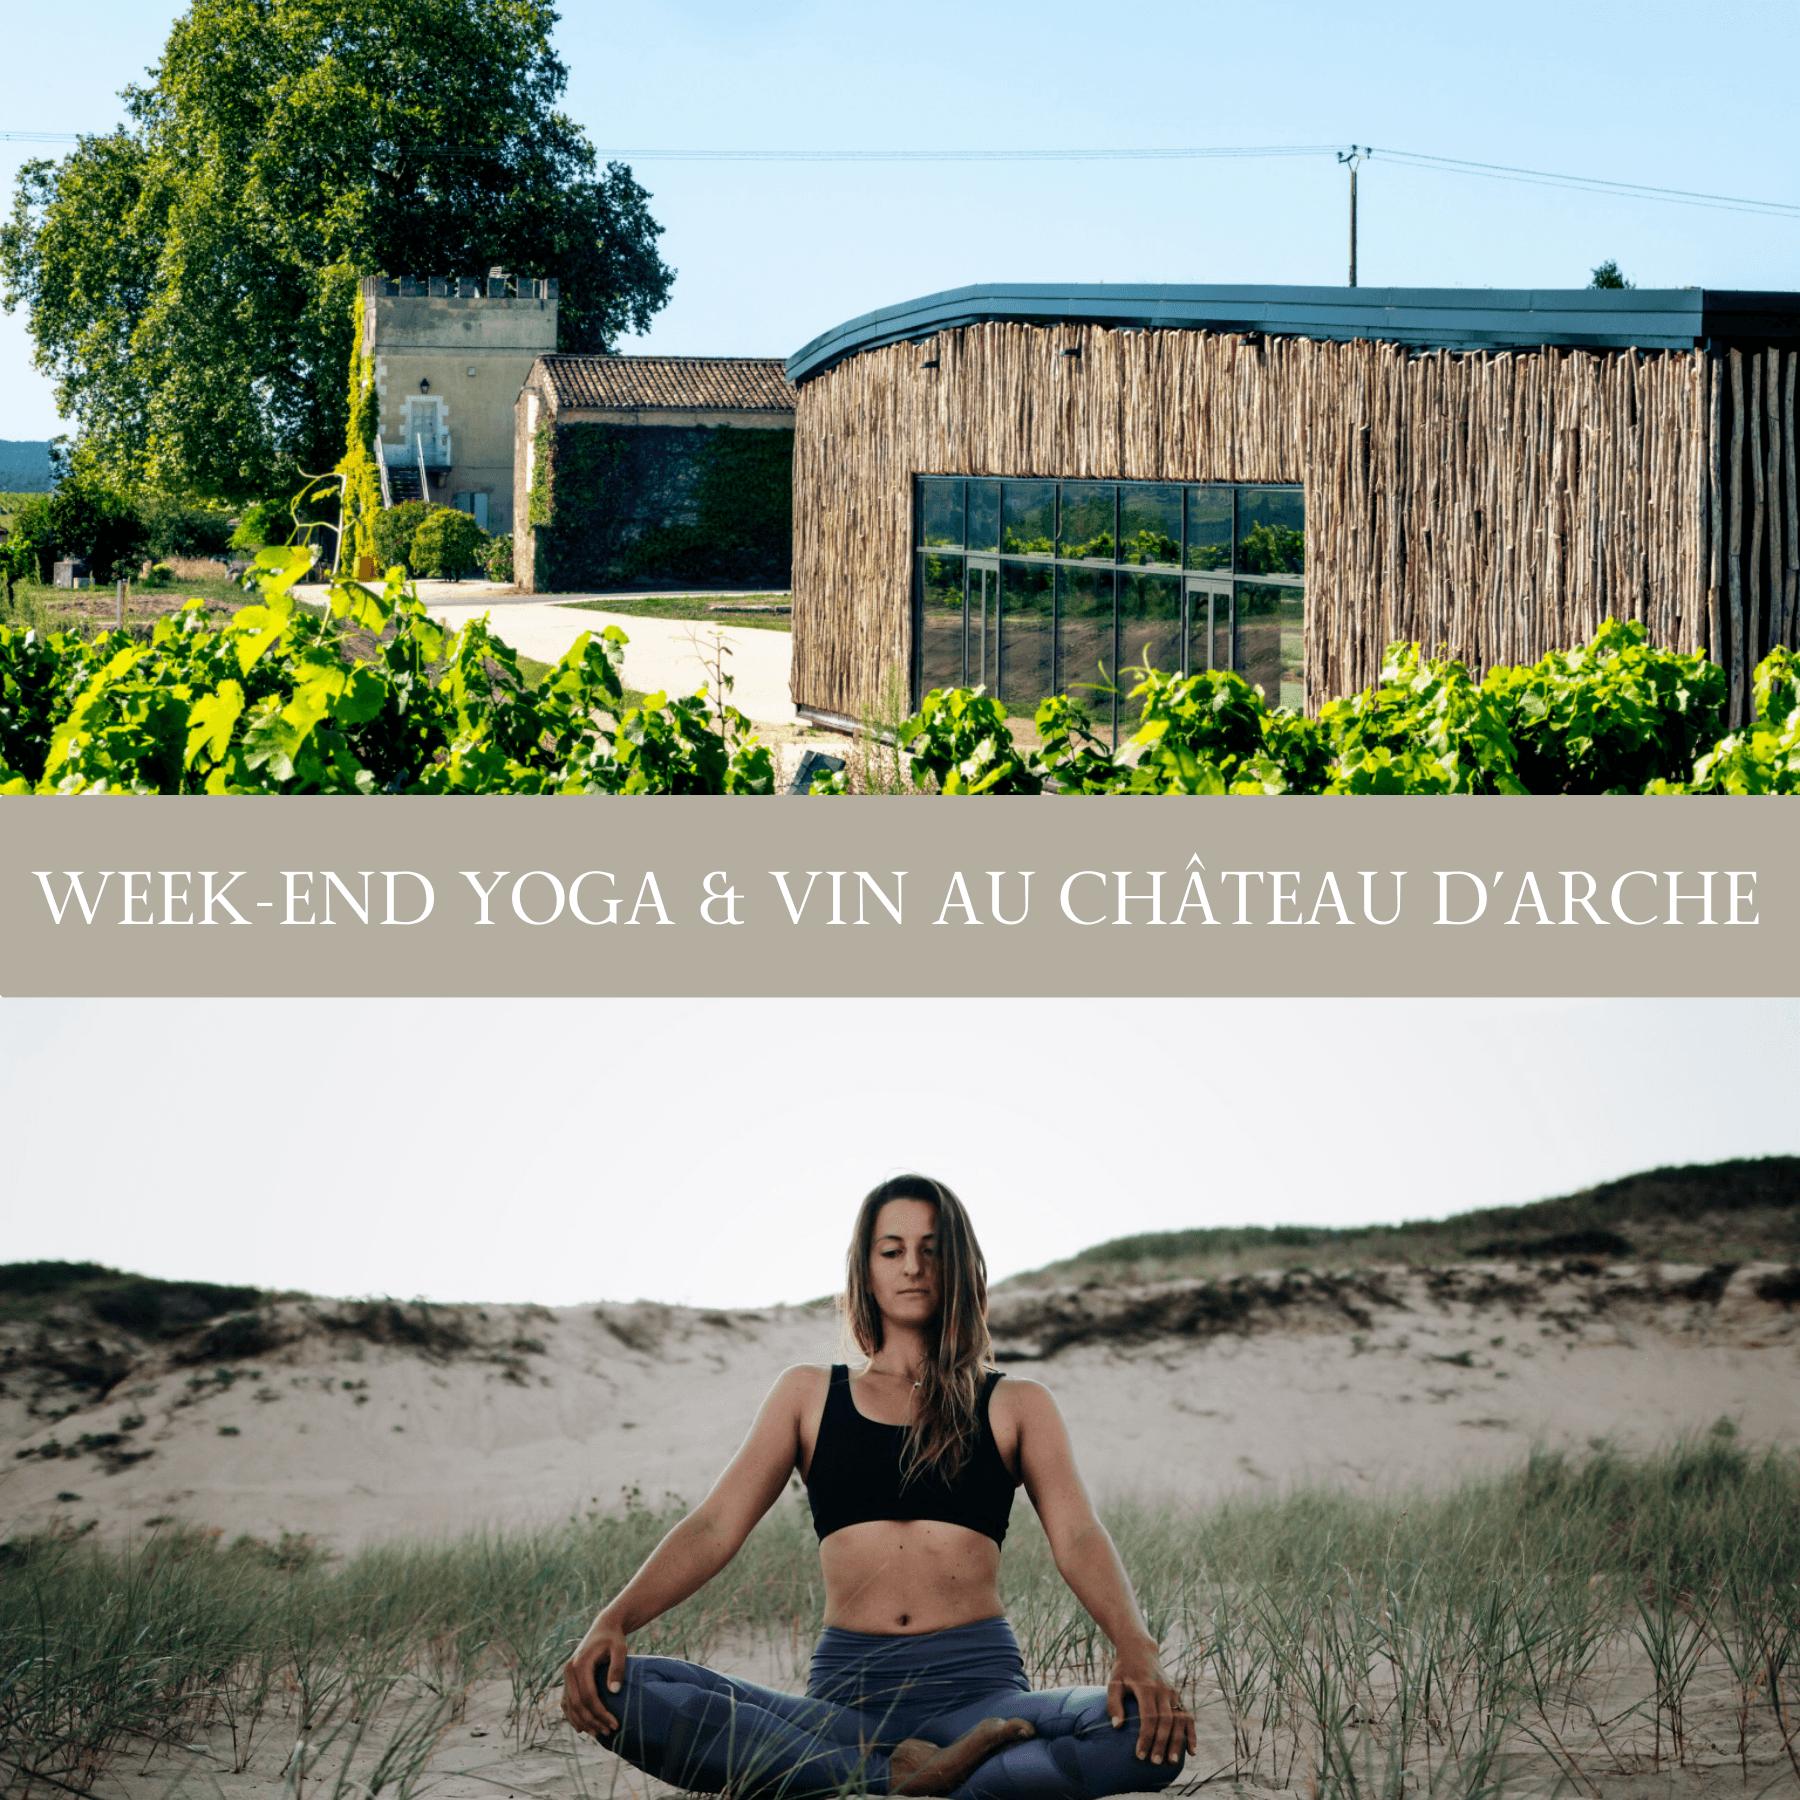 Week-end Yoga et vin au Château d'Arche, Grand Cru Classé 1855, Sauternes